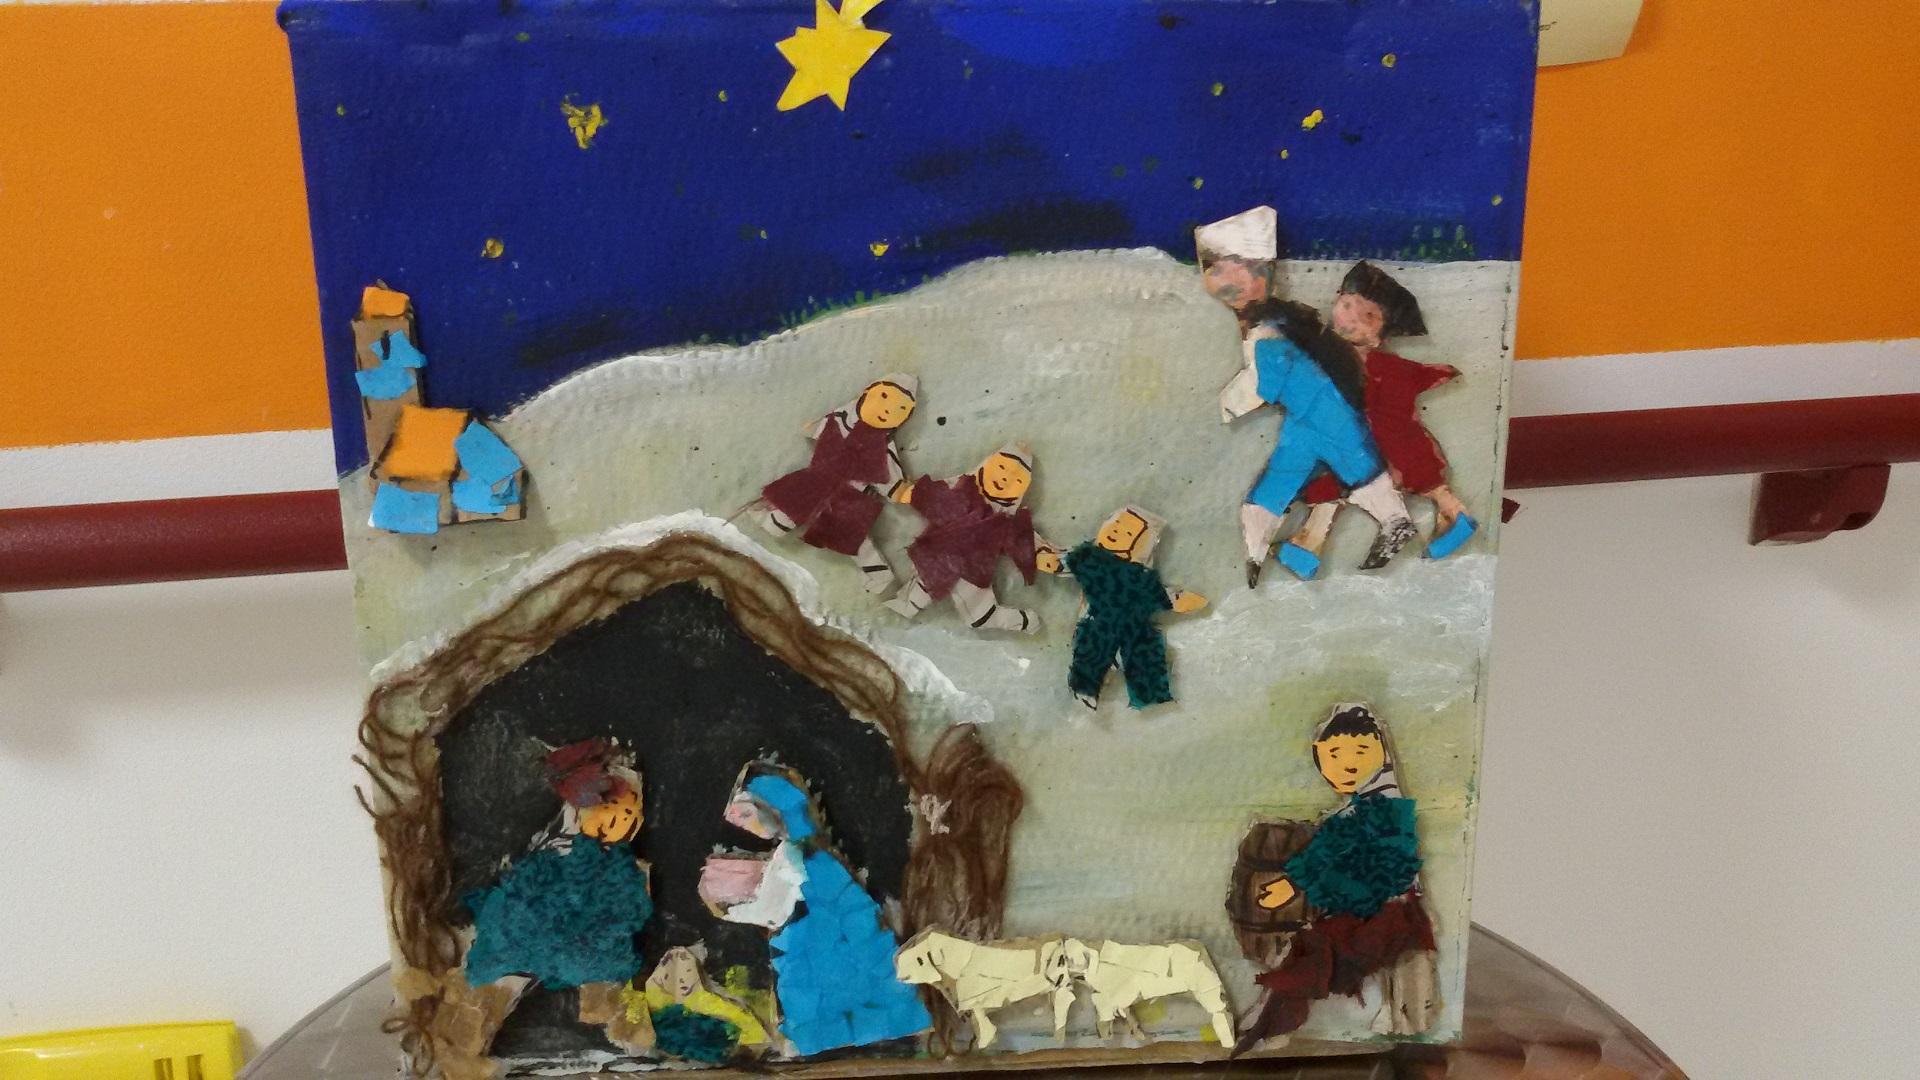 Festa di Natale Residenza Sanitaria Assistenziale Santuario - Opere Sociali Servizi Savona